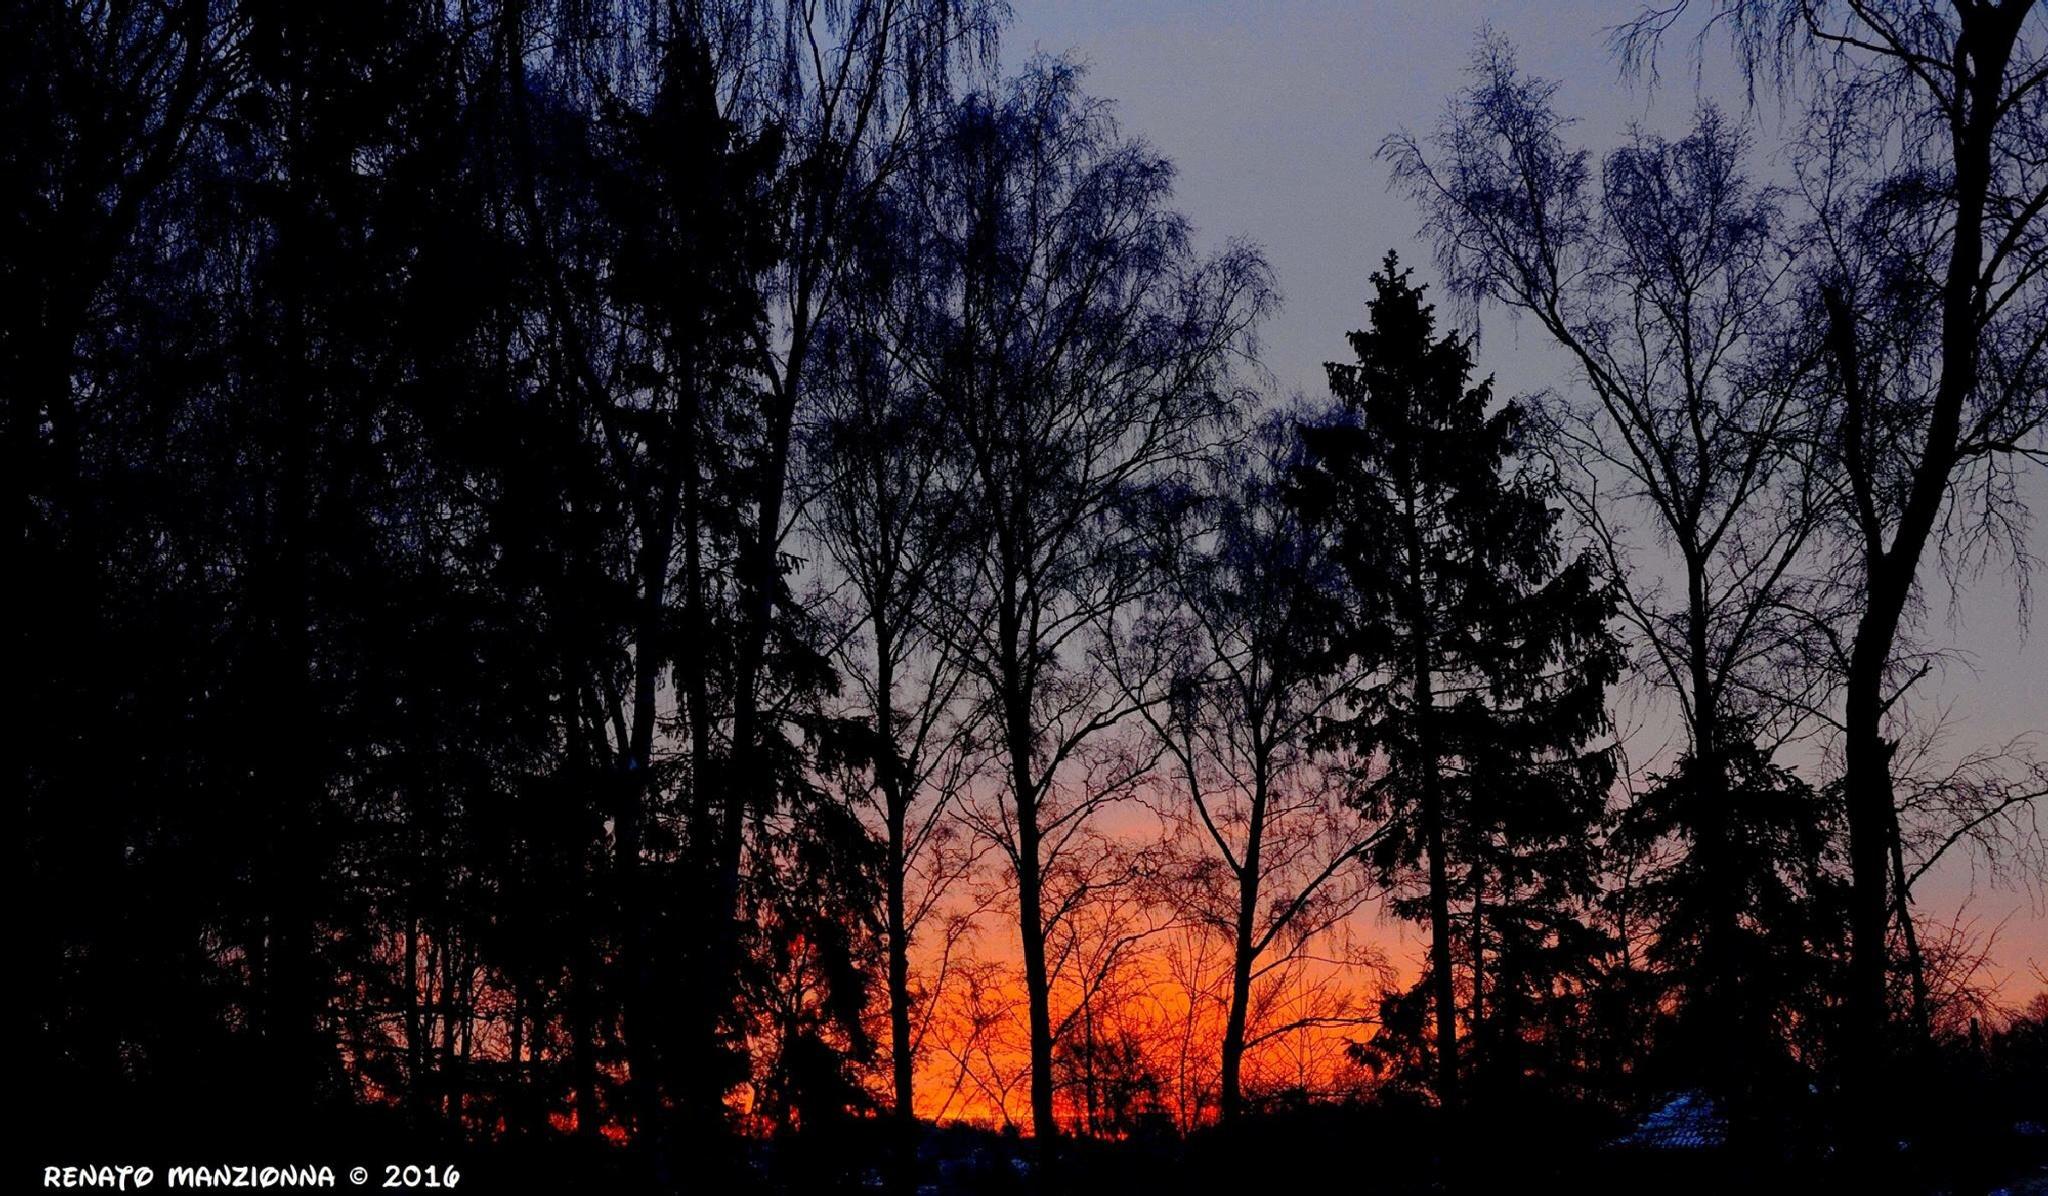 Morning rise.. by Renato Manzionna